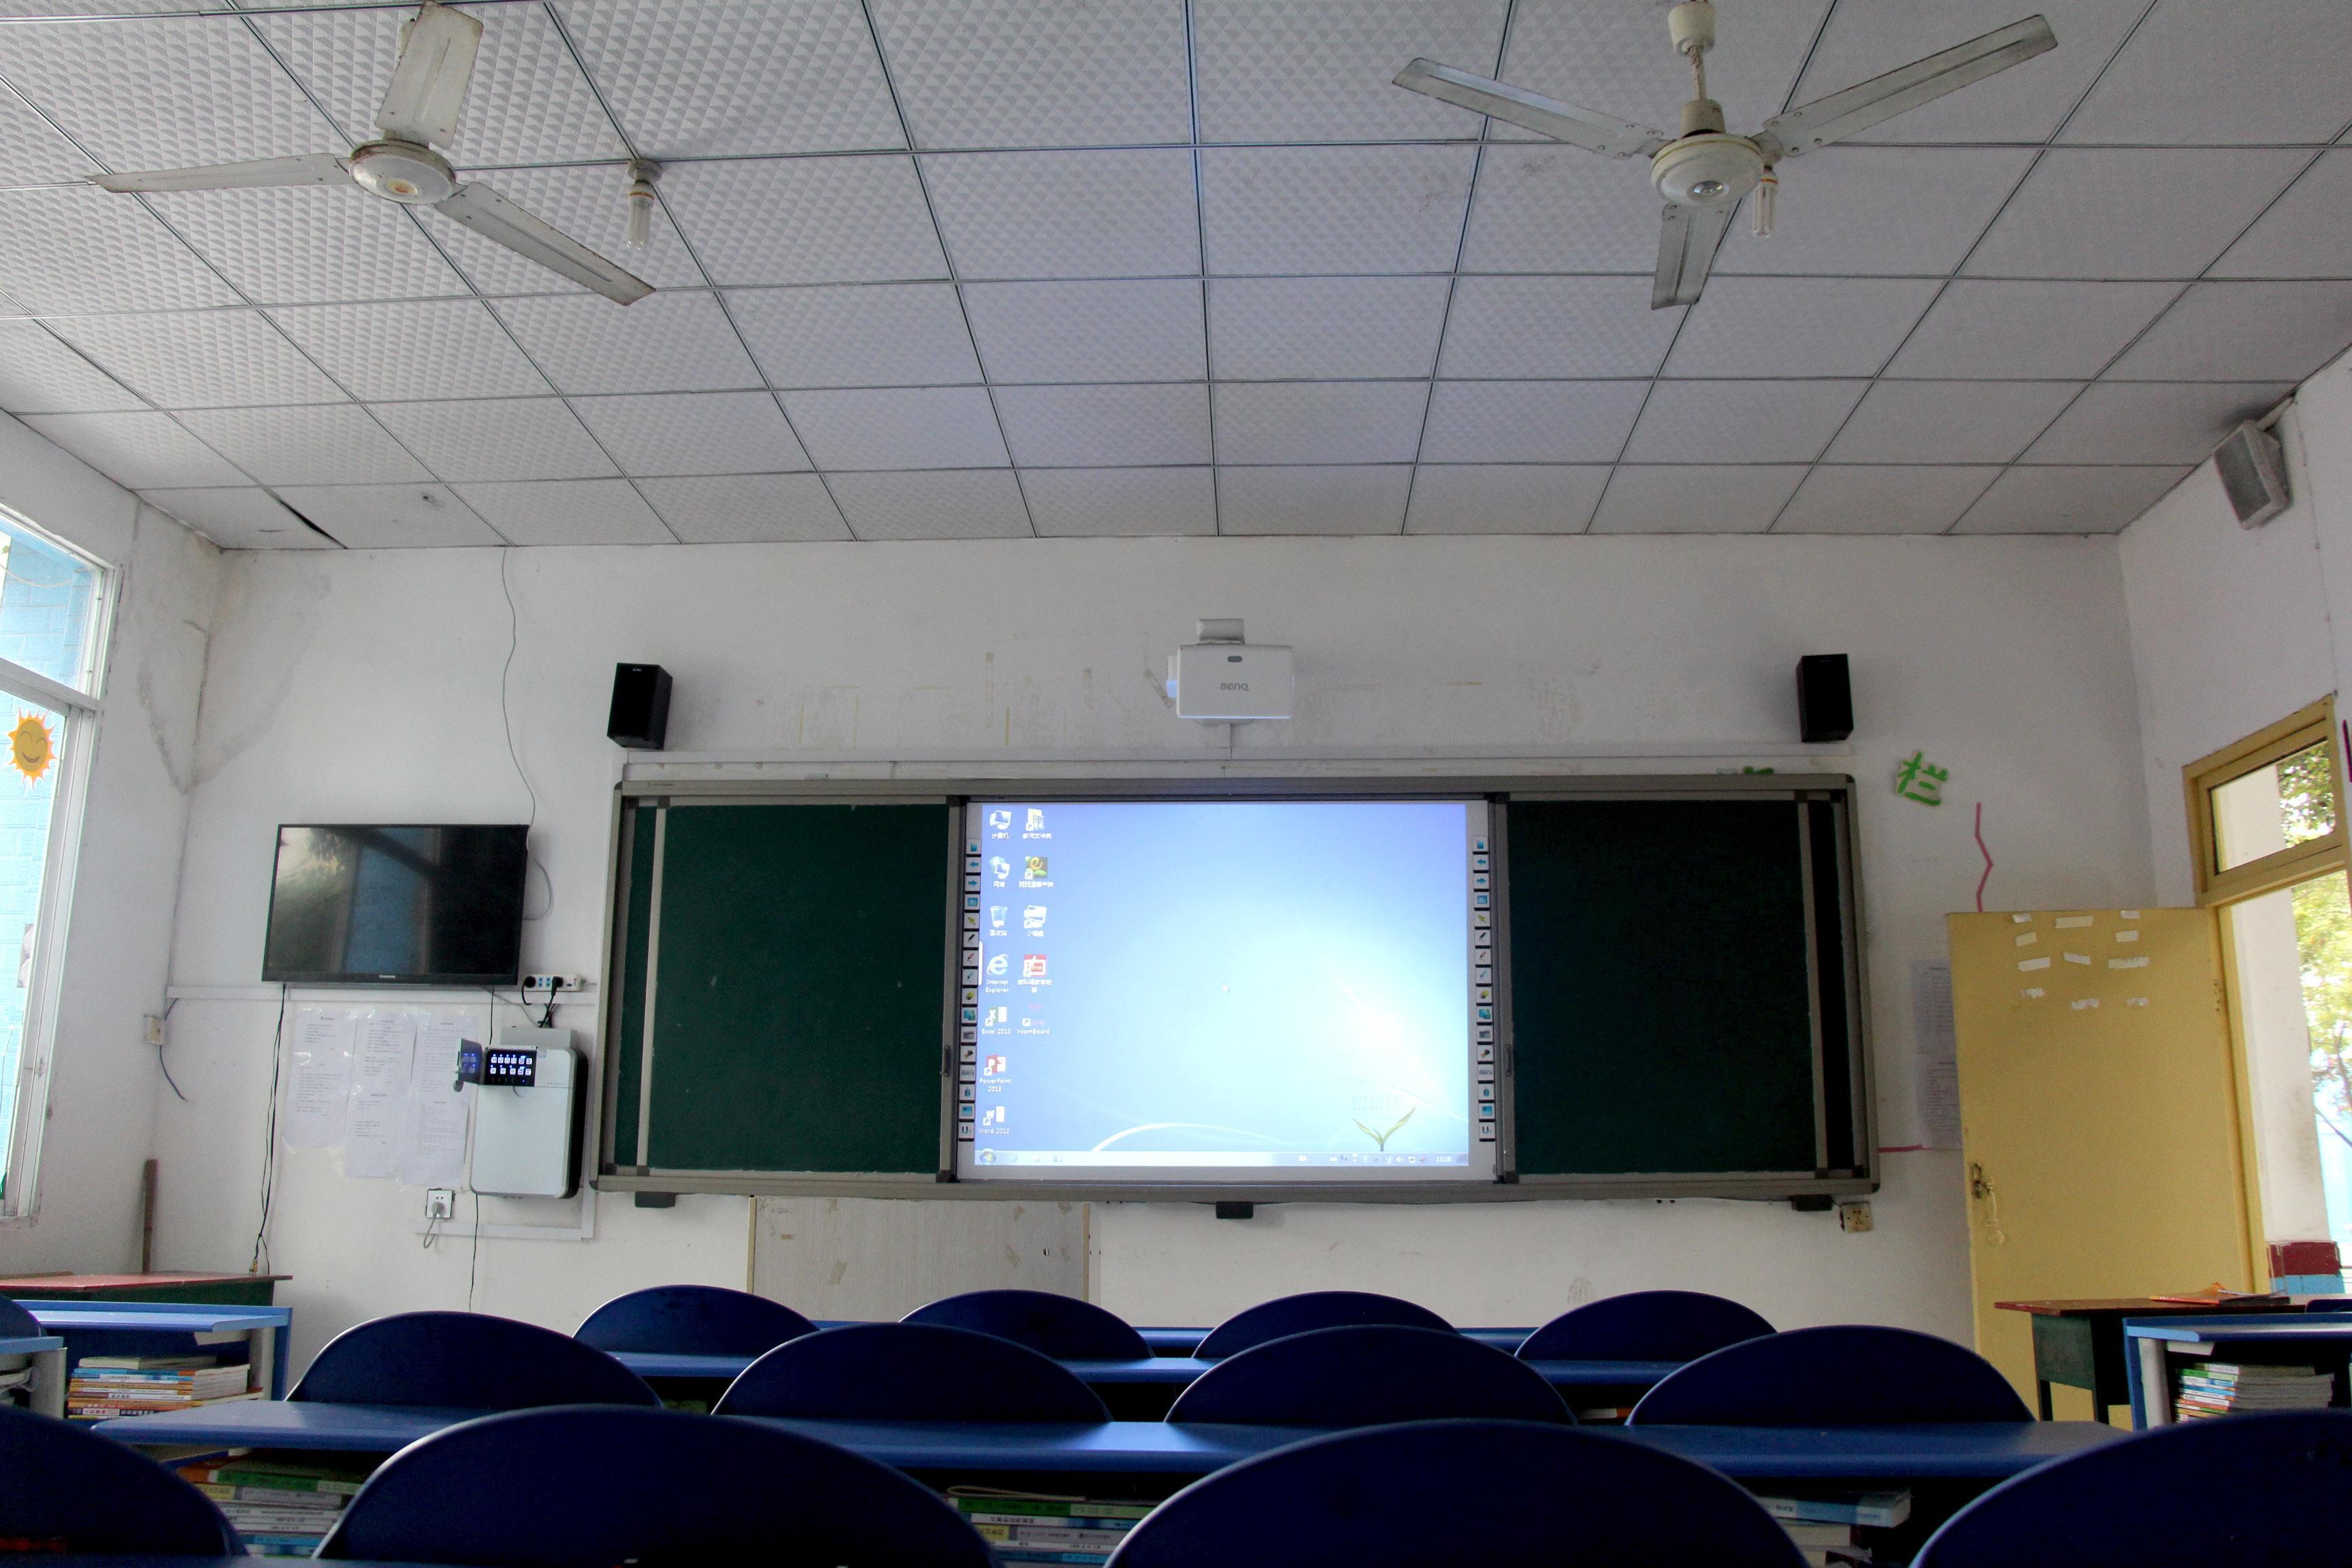 山东省枣庄市第一实验学校与熙雅盟达成55寸触摸一体机定制采购合作